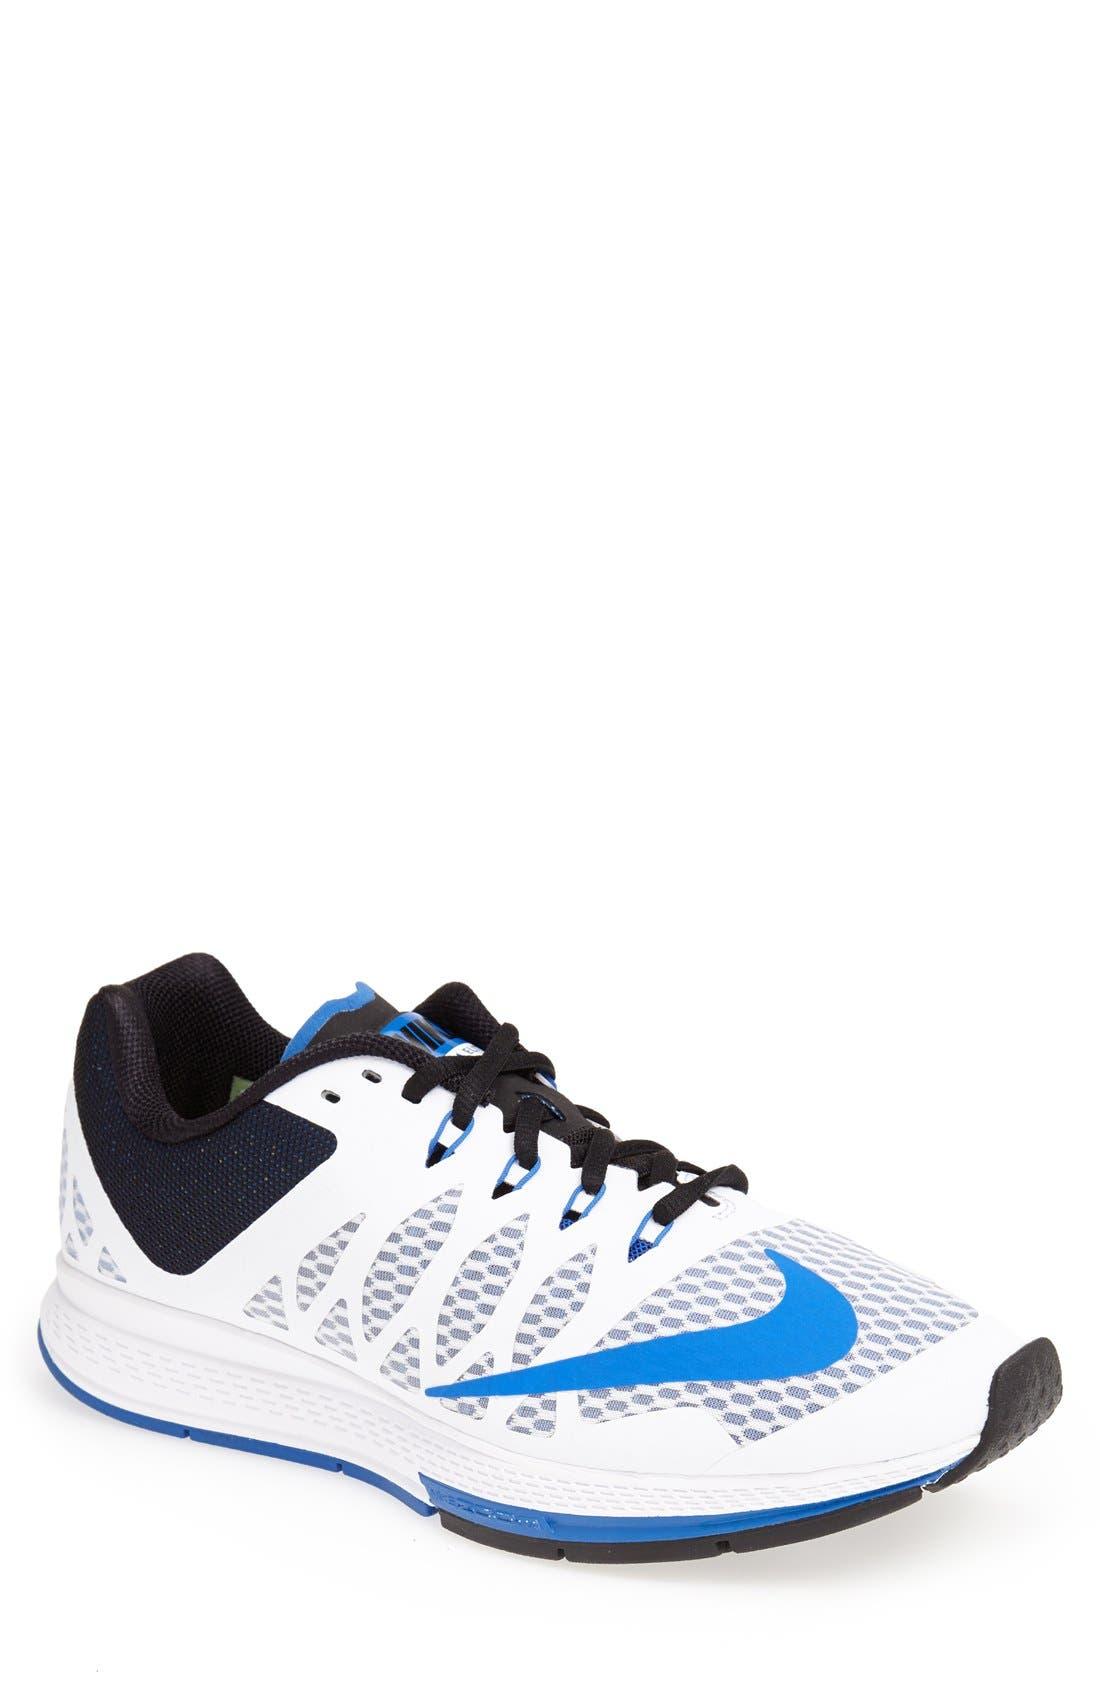 Main Image - Nike 'Zoom Elite 7' Running Shoe (Men)